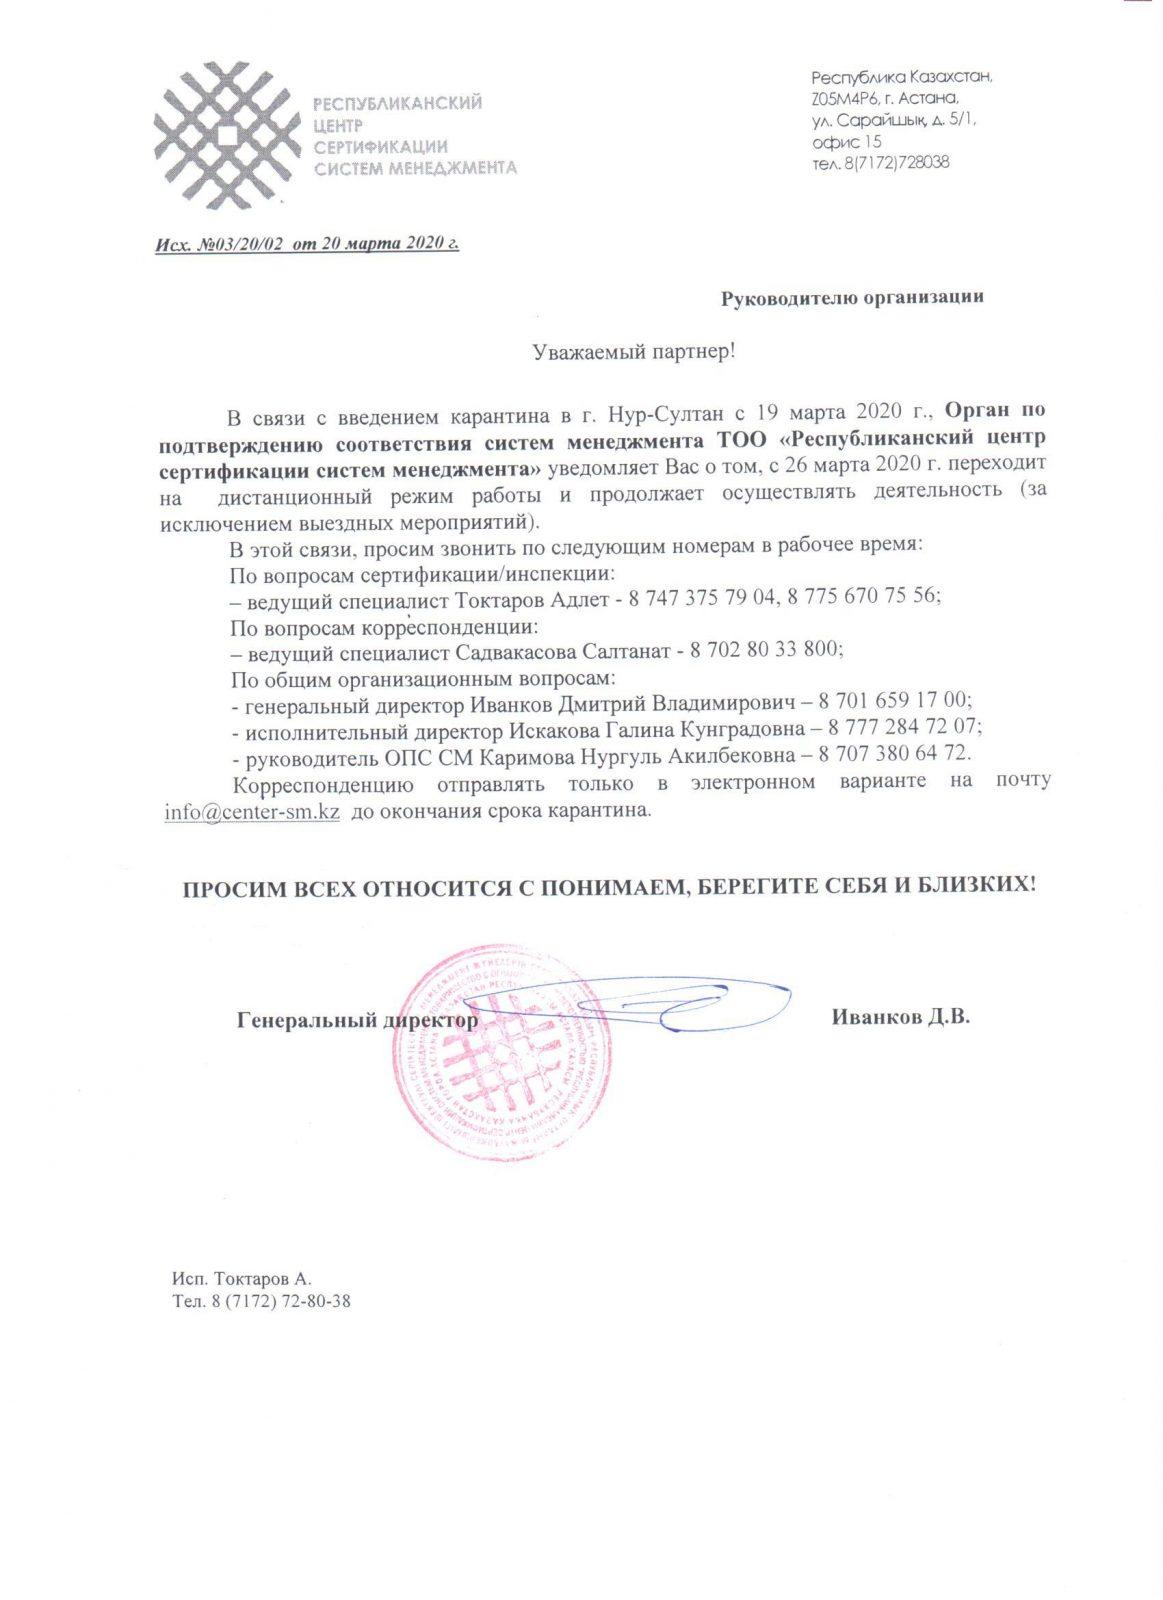 Письмо-уведомление о переводе на дистанционную работу